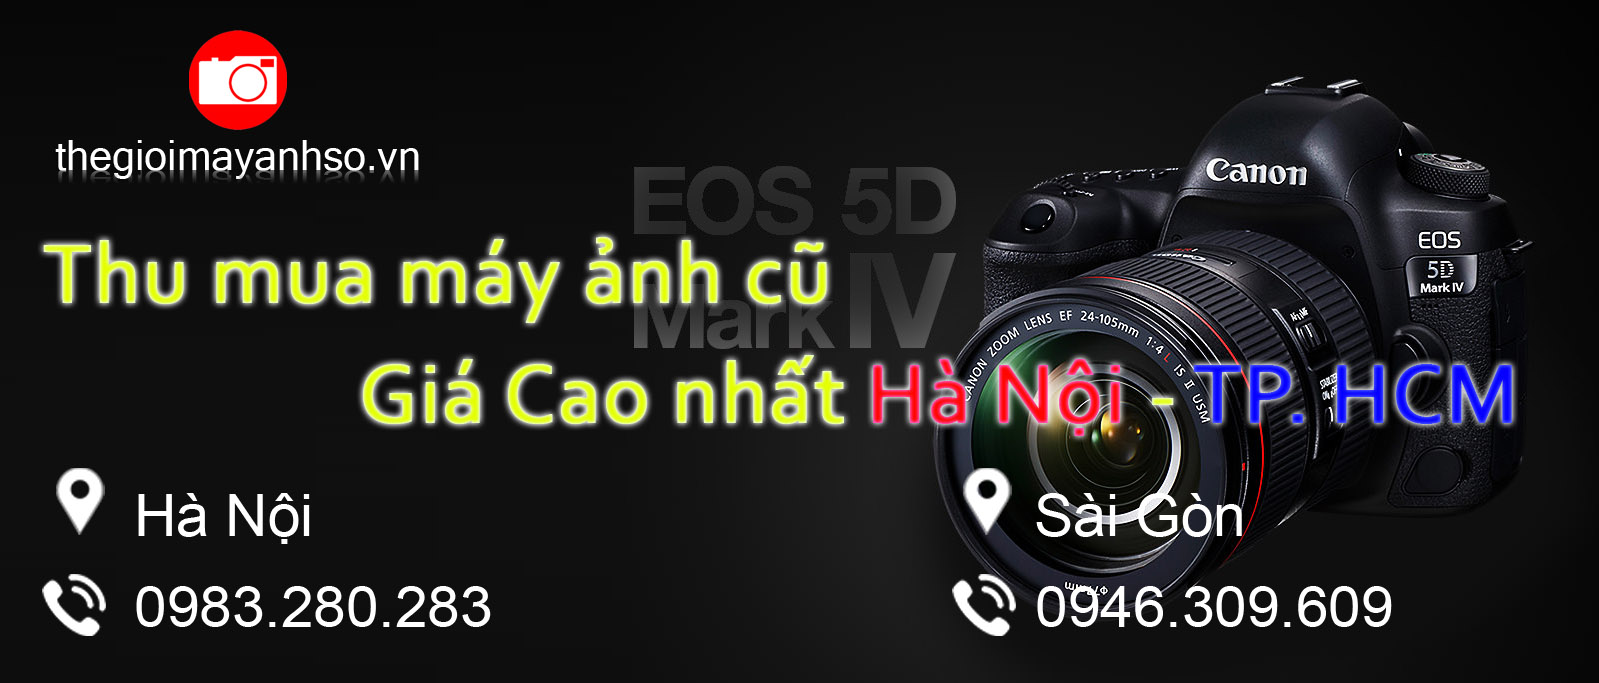 Thu mua Máy Ảnh, Ống Kính, Máy Quay giá cao nhất Hà Nội -